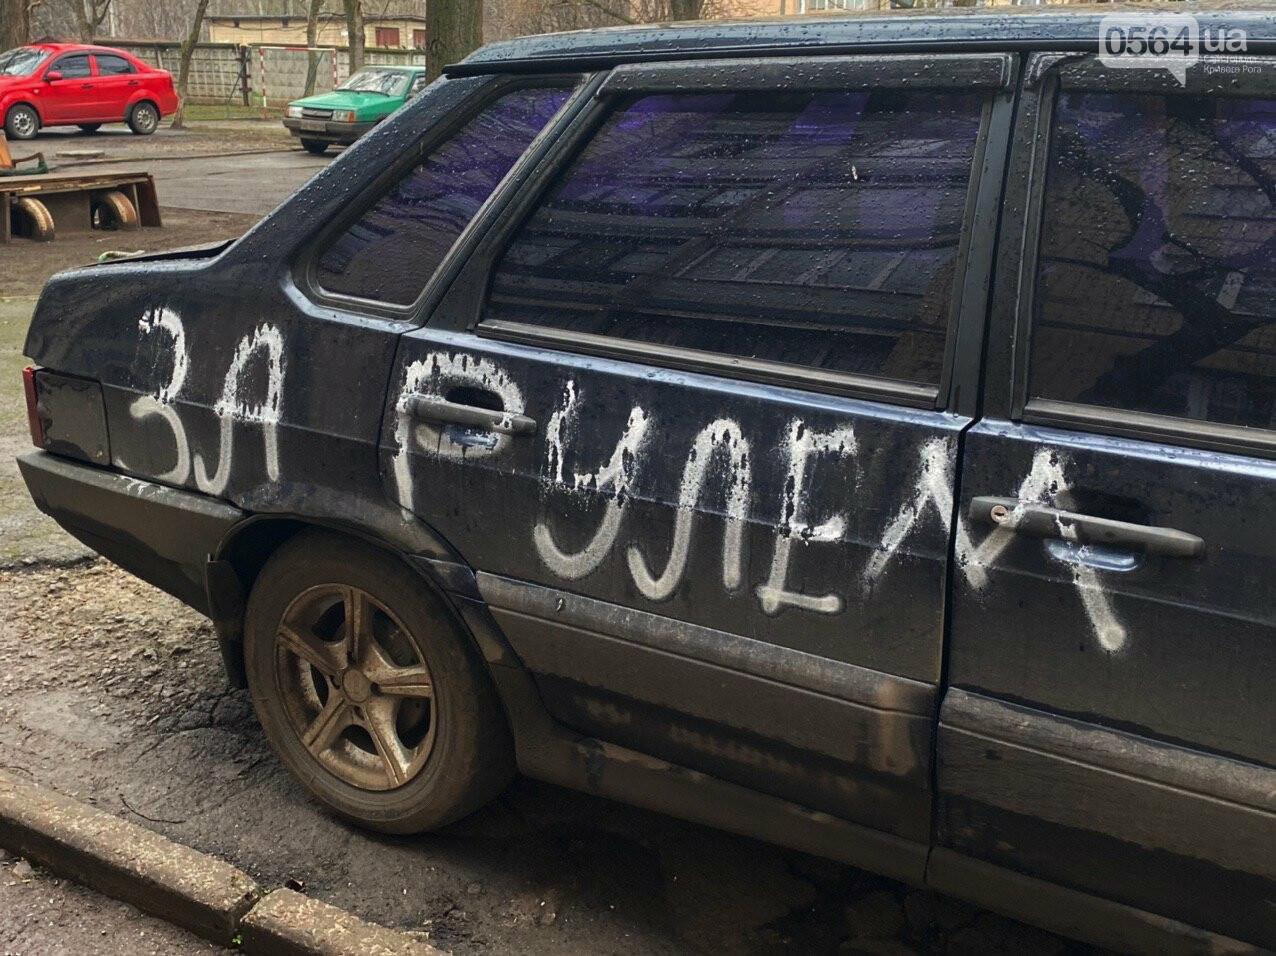 """""""За рулем бандит"""": в Кривом Роге ночью обрисовали припаркованный во дворе автомобиль, - ФОТО , фото-1"""